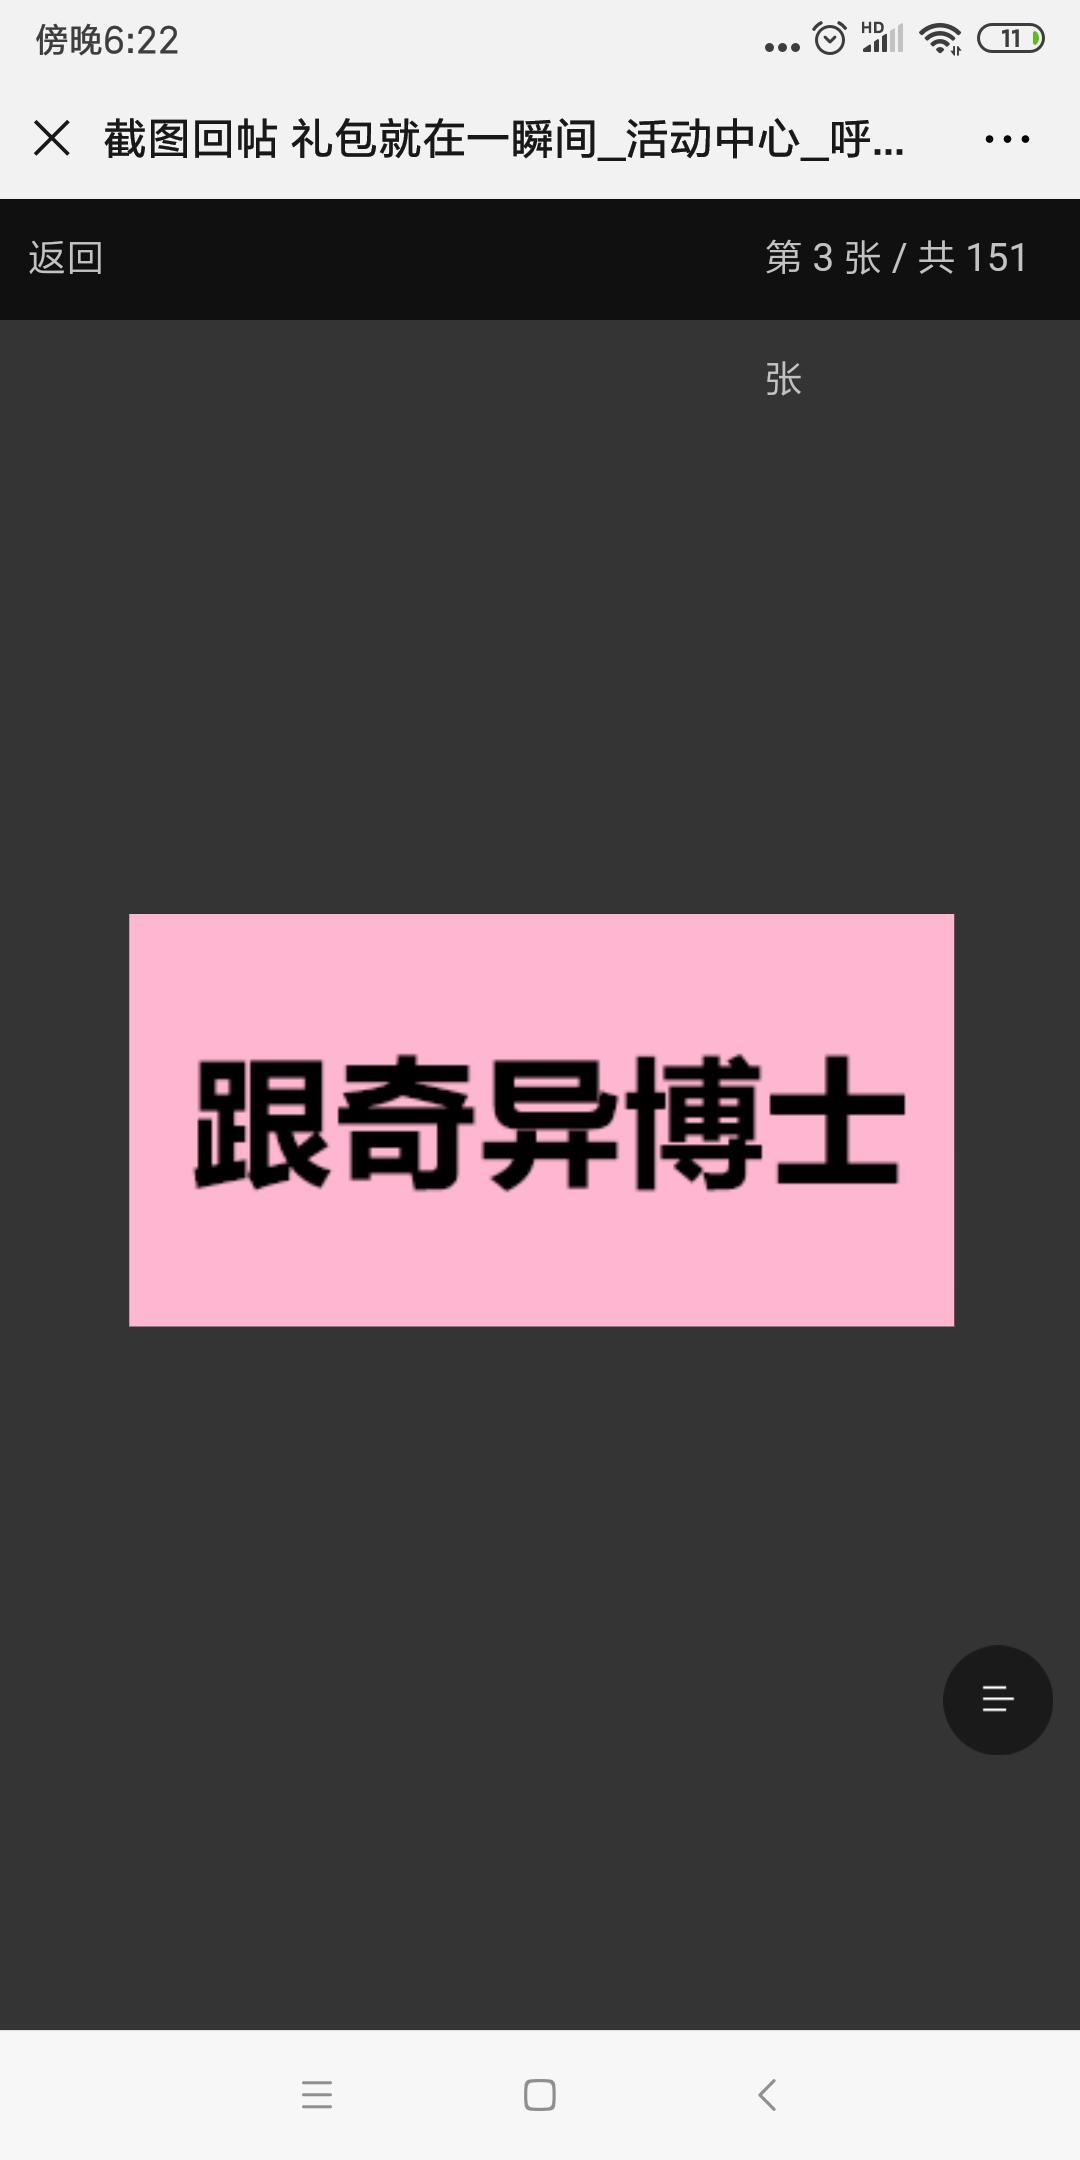 Screenshot_2019-07-25-18-22-27-617_com.tencent.mm.png